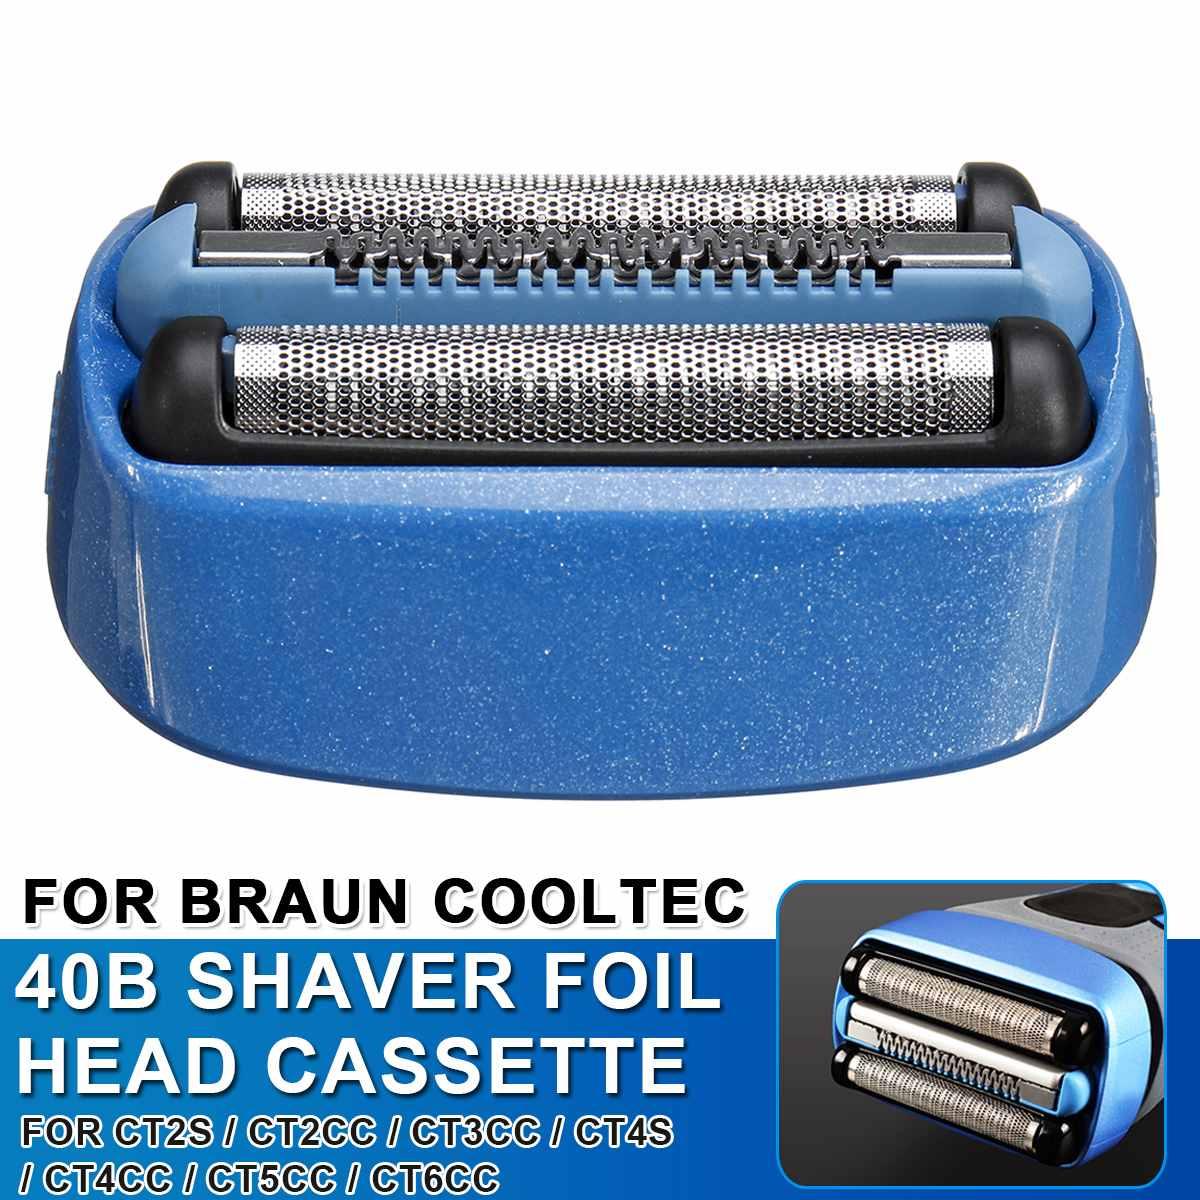 Replacement Shaver Foil Cassette Head For Braun For CoolTec CT2s CT2cc CT3cc CT4s CT4cc CT5cc CT6cc Shavers